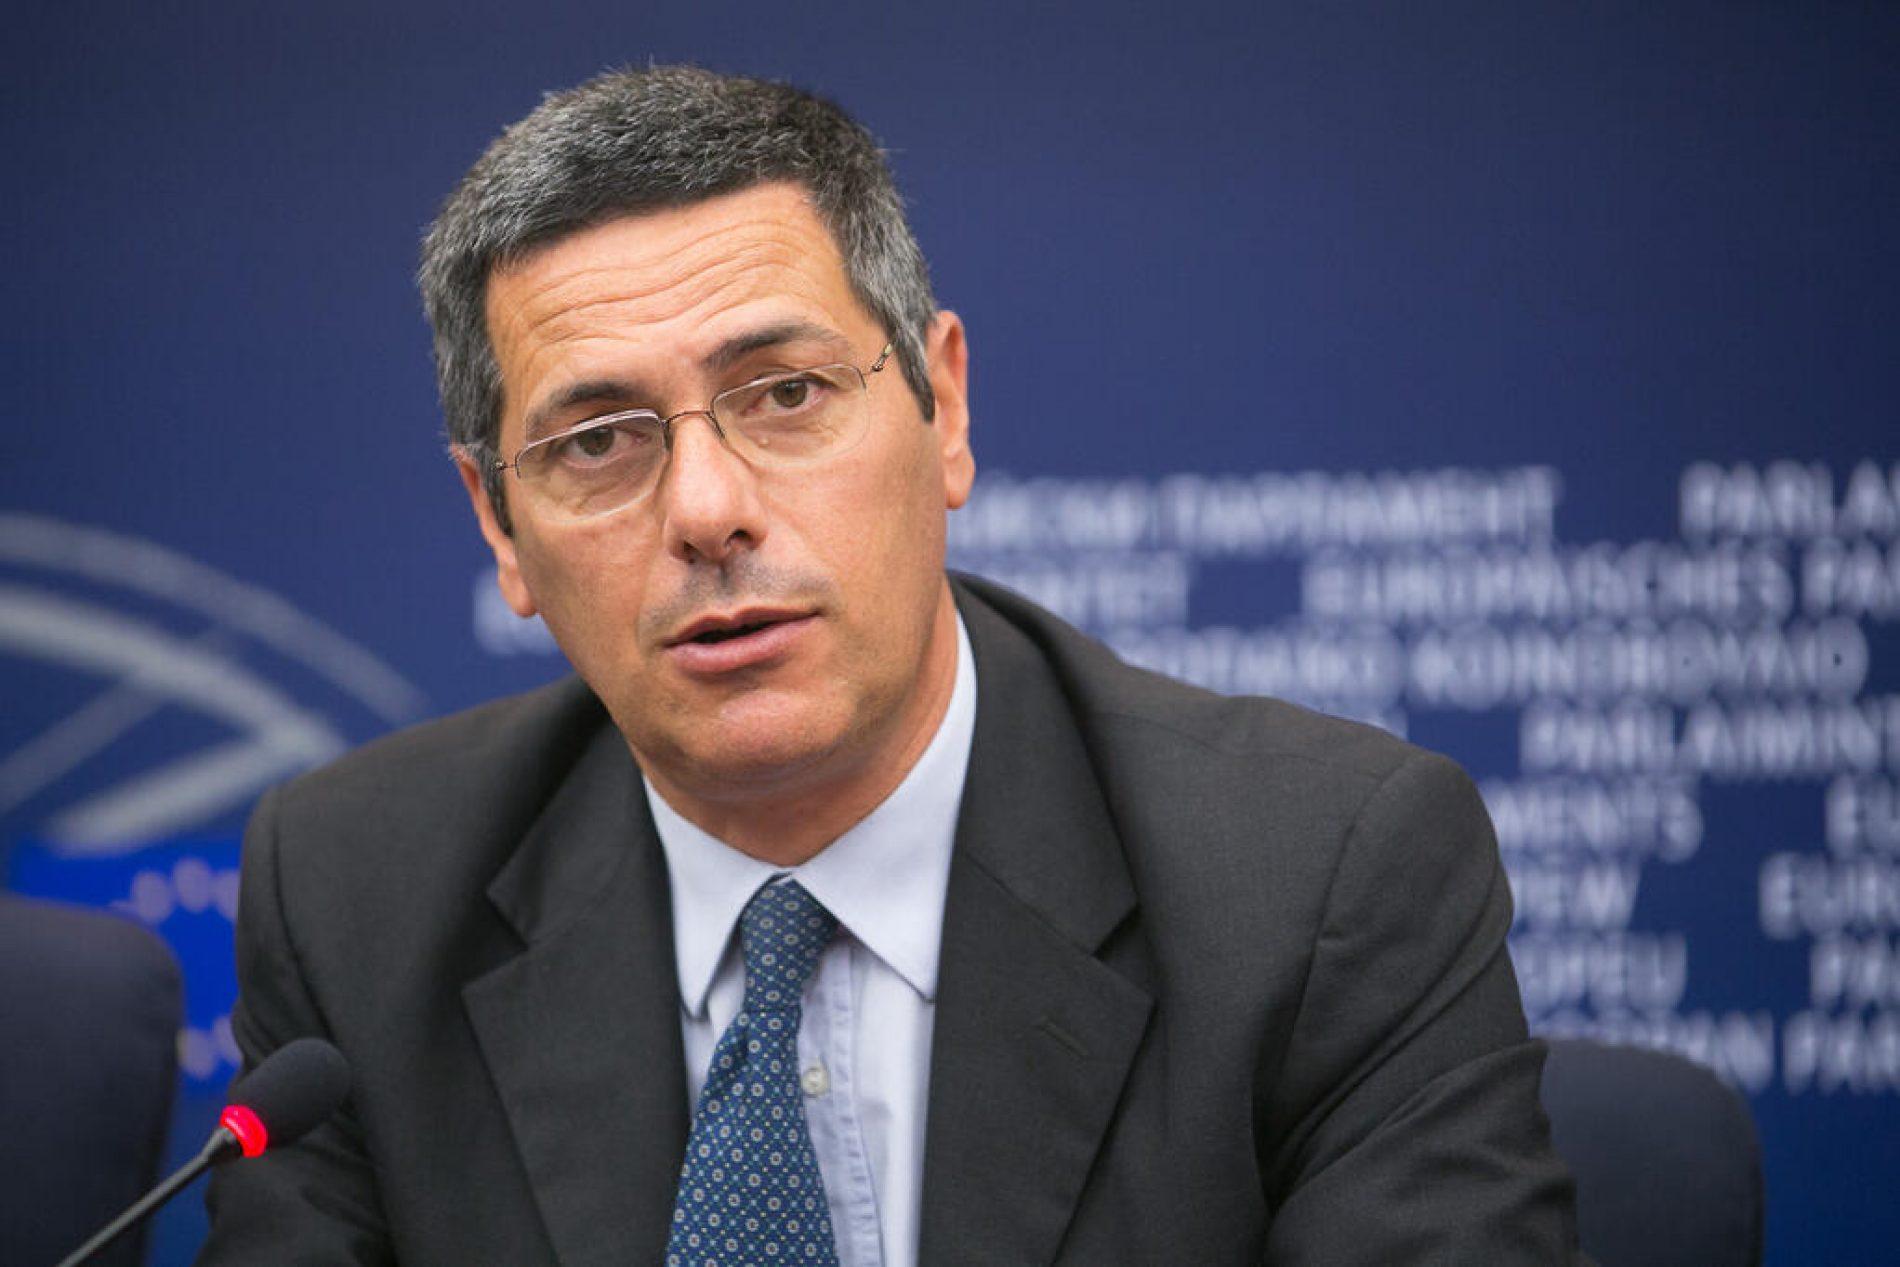 L'eurodeputato La Via invita i più grandi scienziati al mondo per parlare di e-cig a Bruxelles